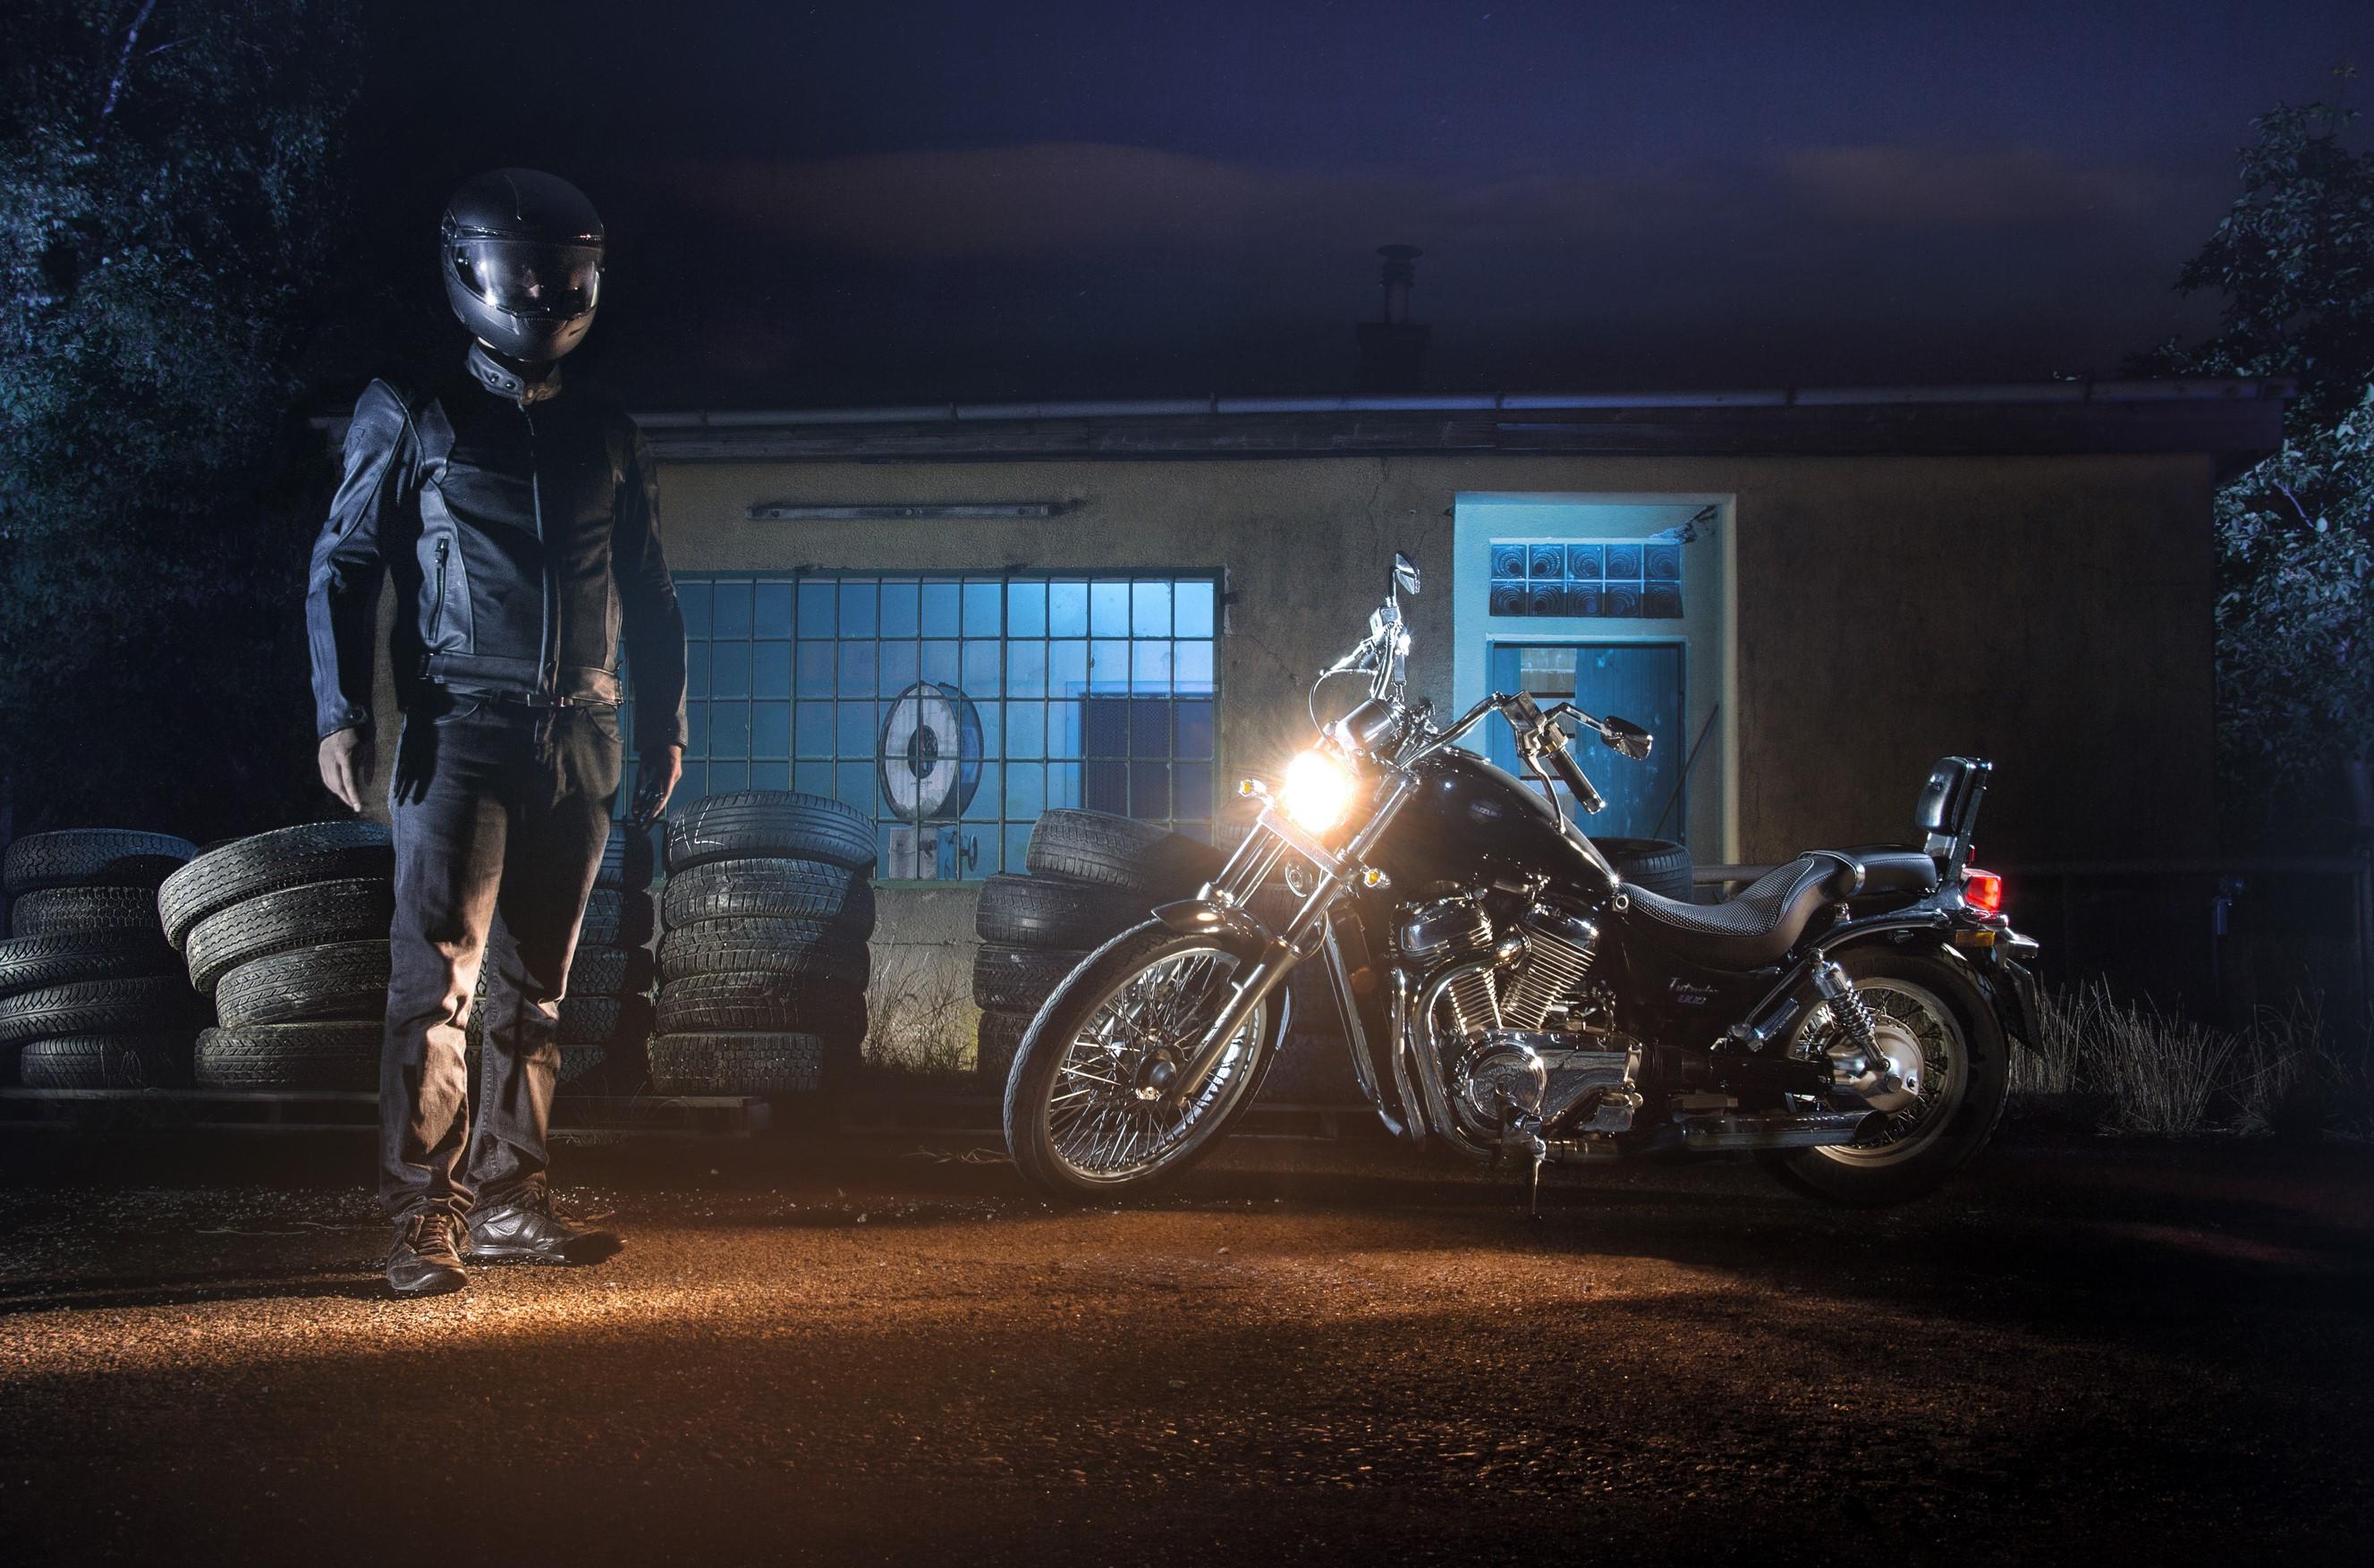 Motorrad Suzuki VS 800 Intruder mit Lightrider Licht Bildbearbeitung Fotografie